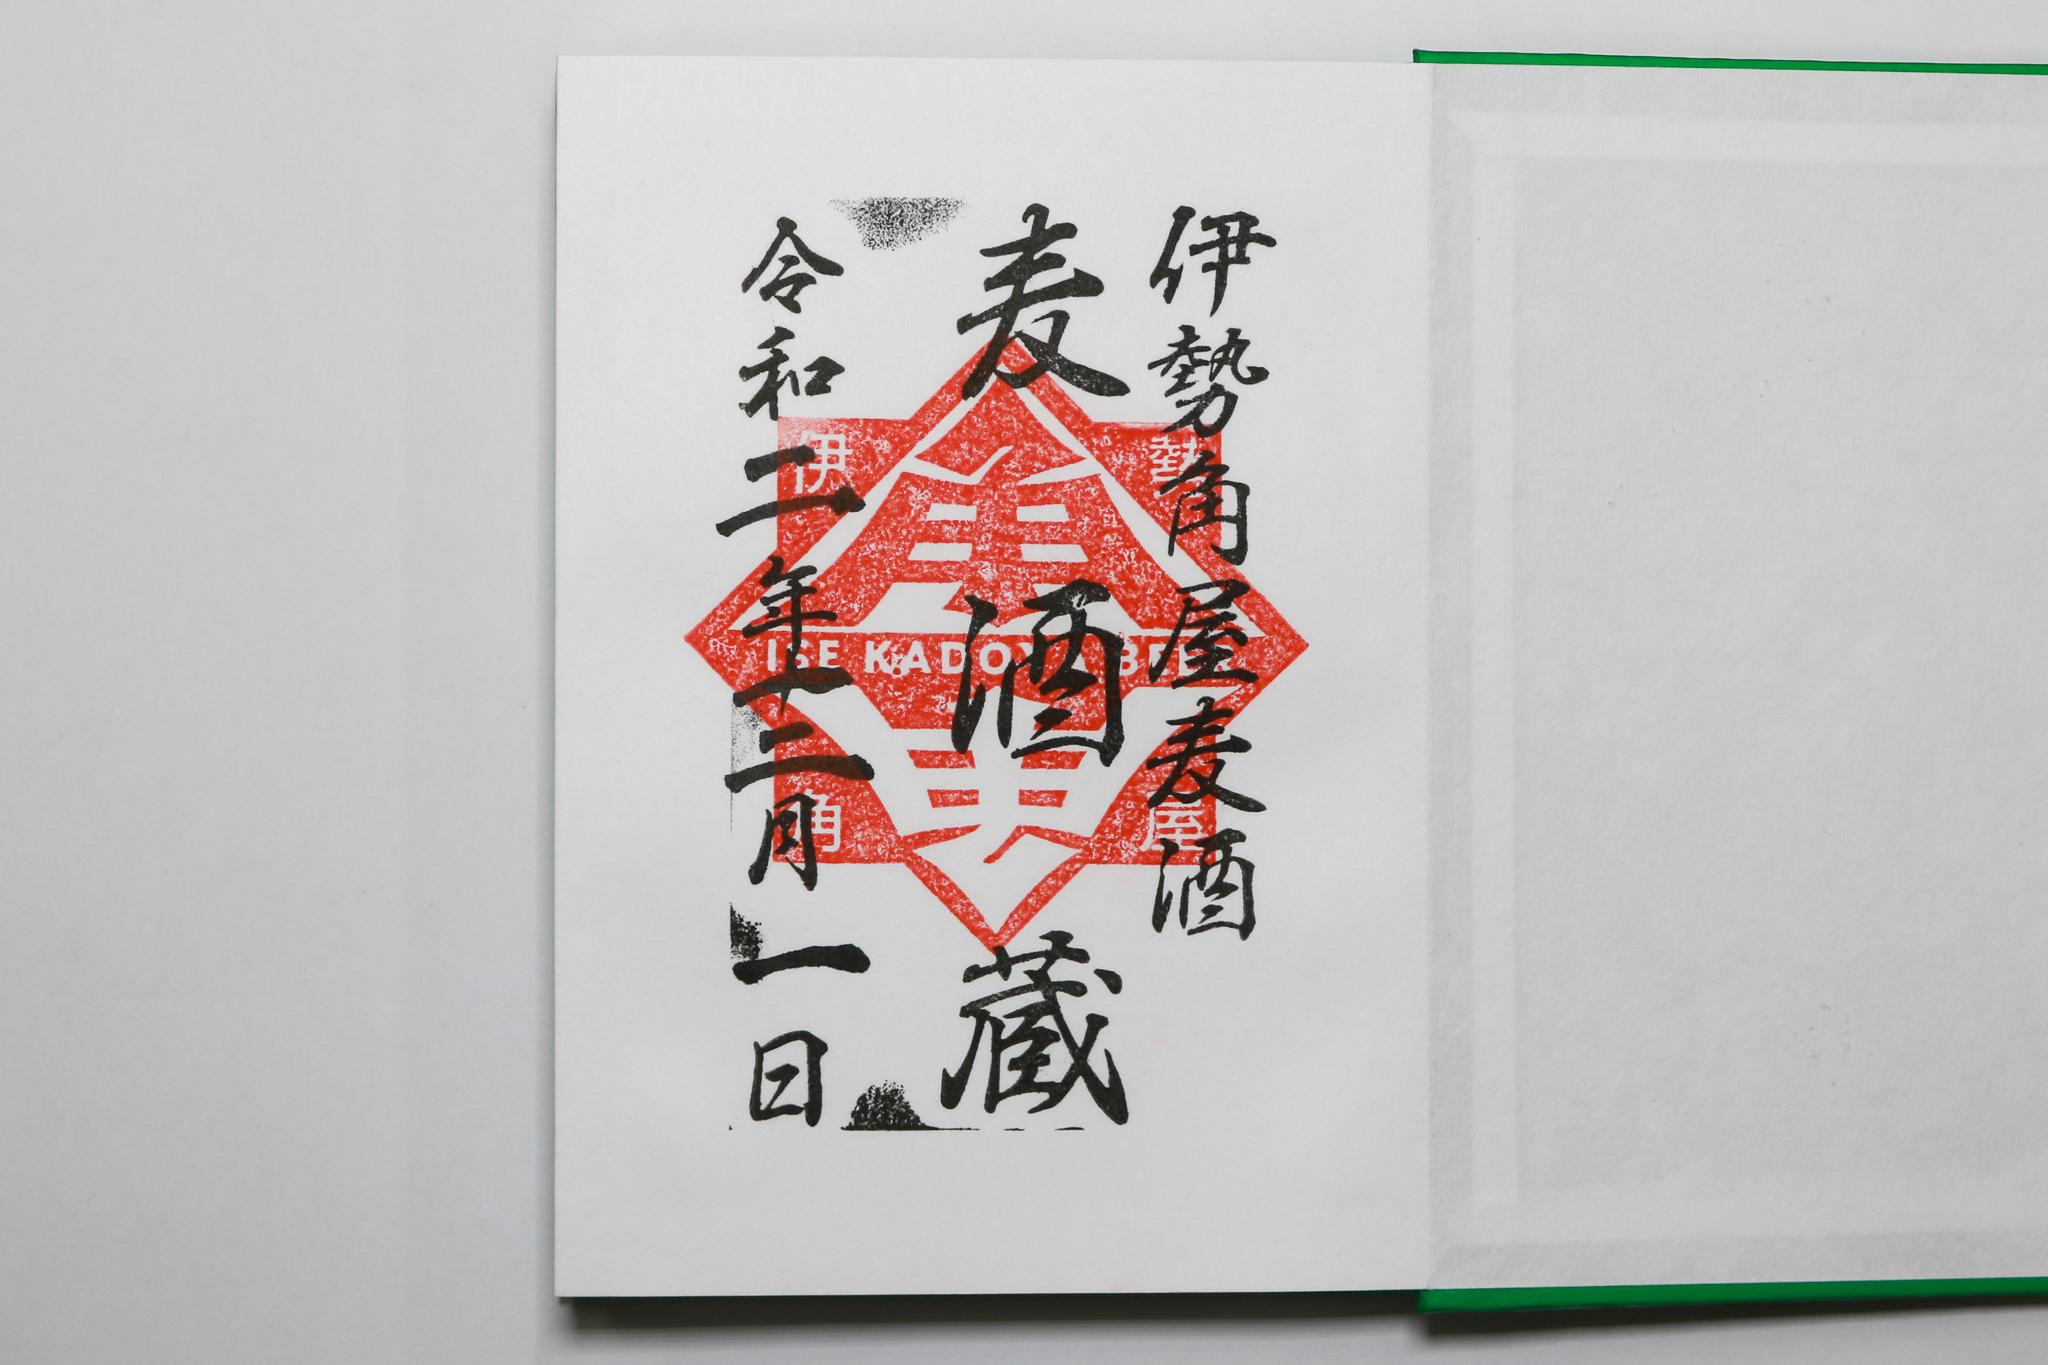 娯酒飲帳 店舗編-1